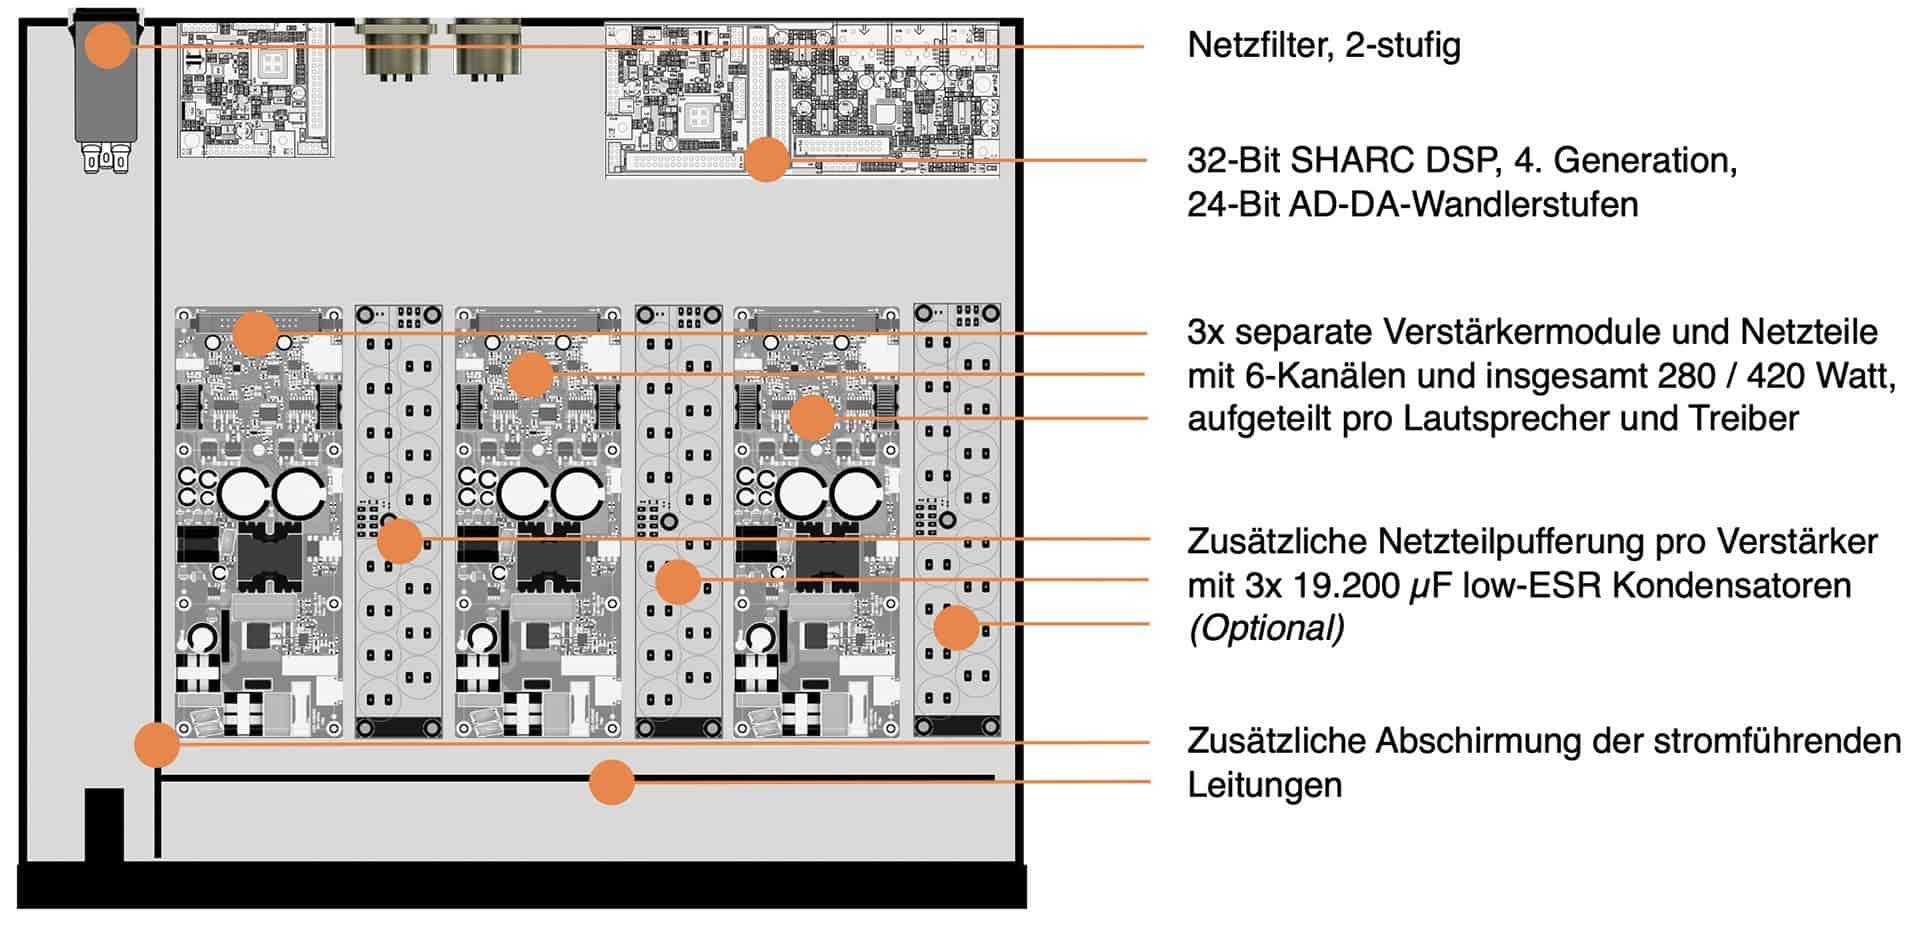 DSP Verstarker layout